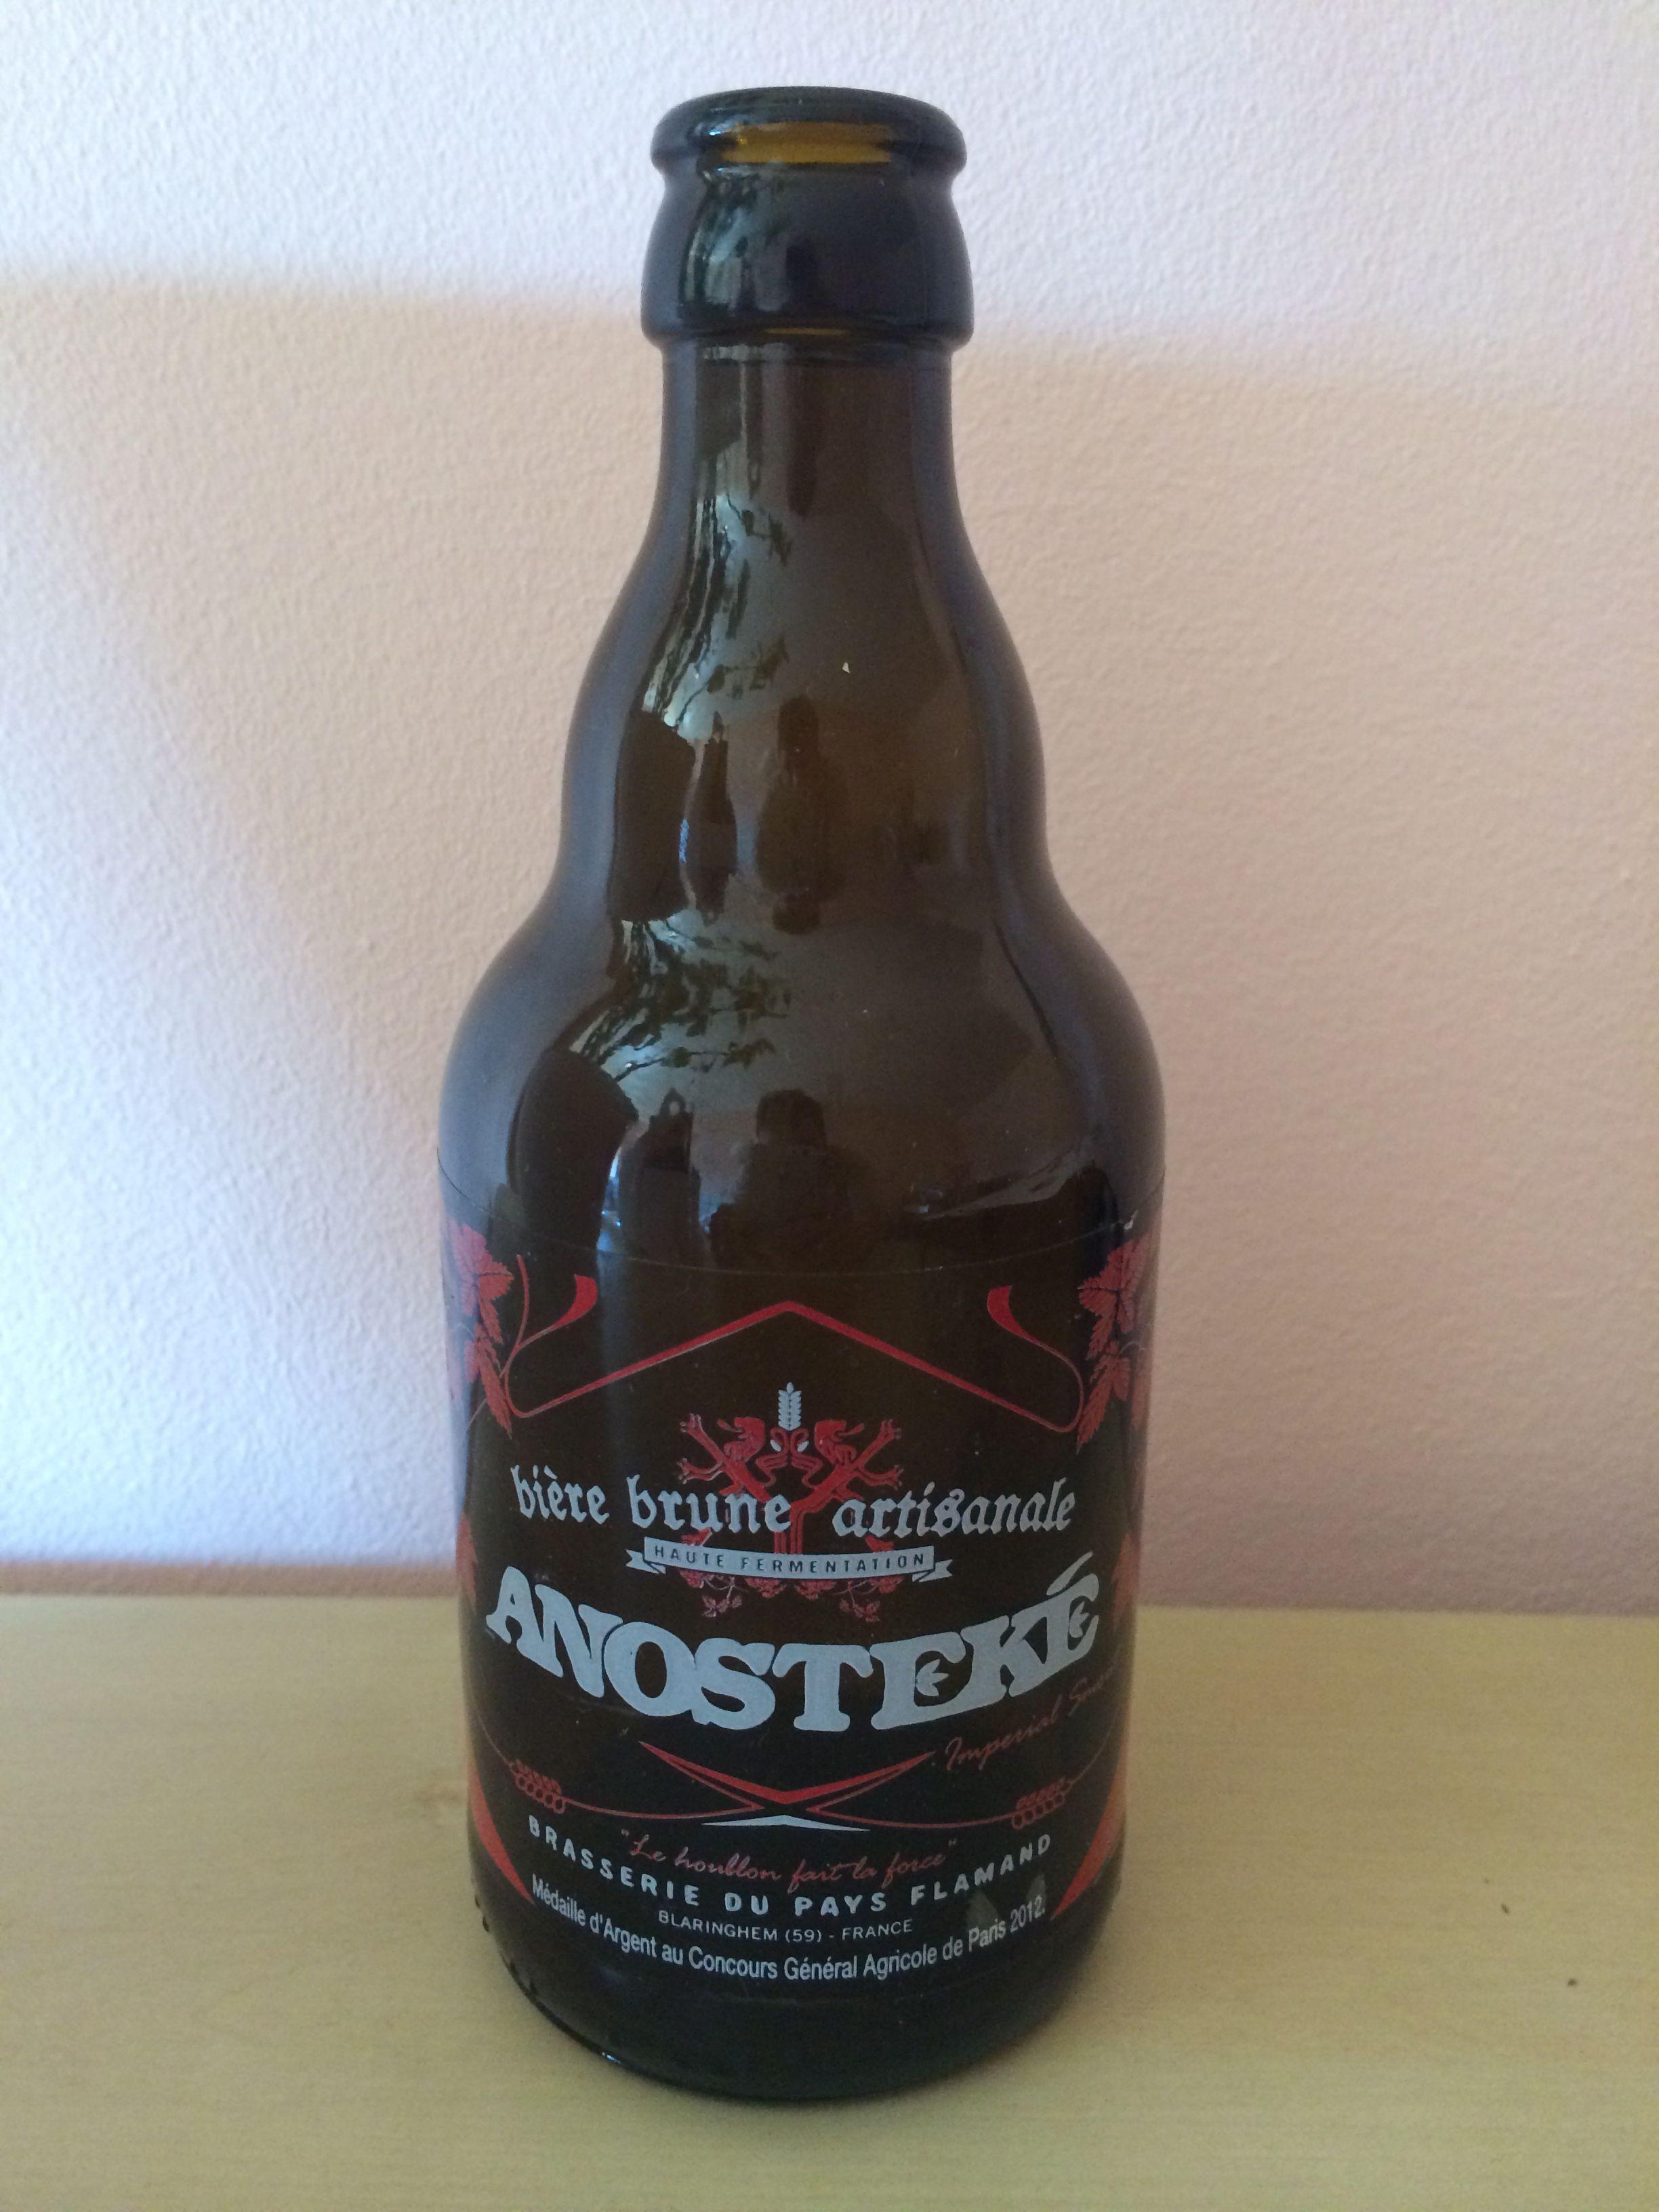 Anosteké Bière Brune Artisanale